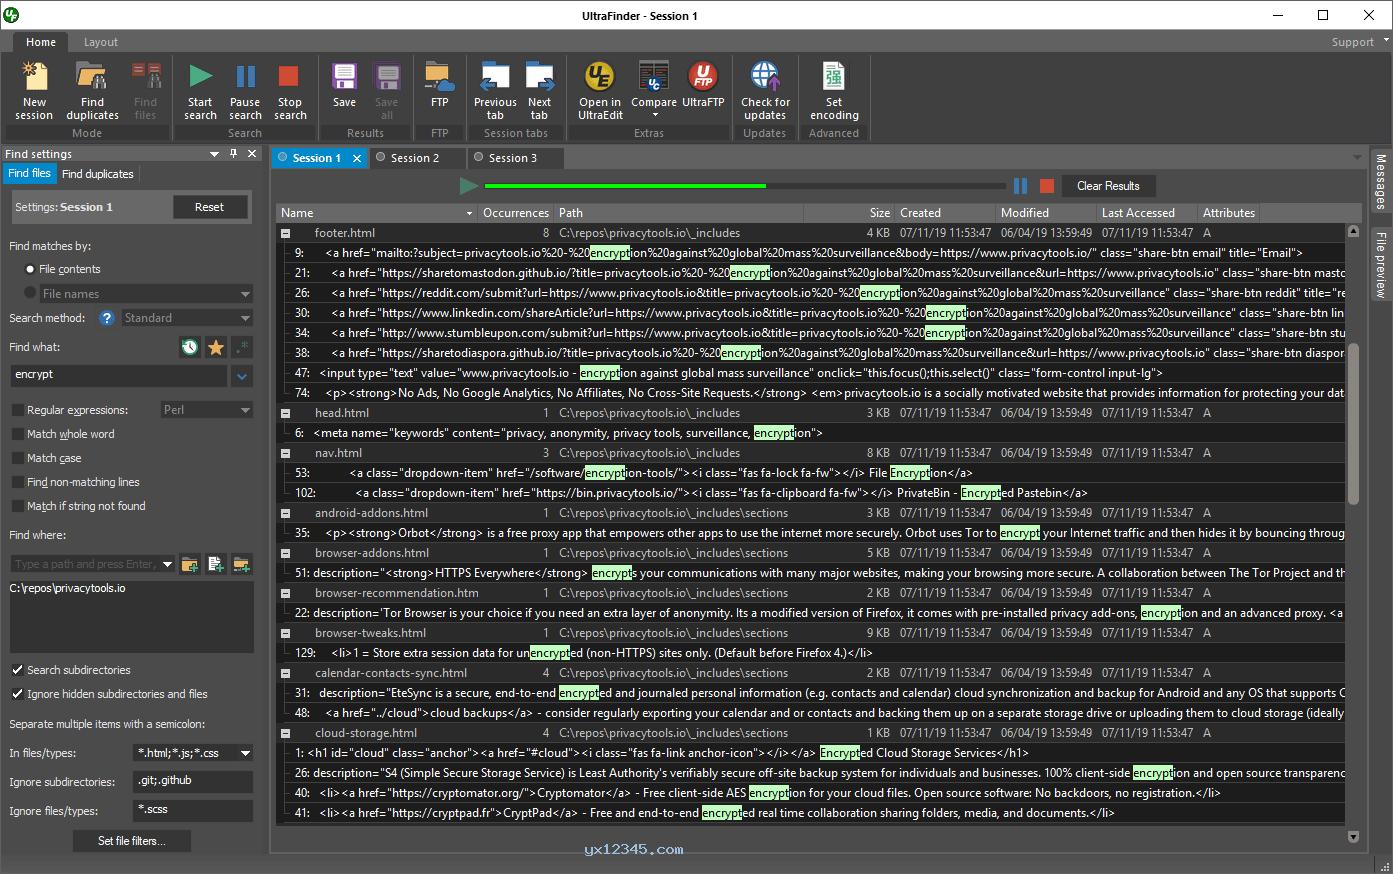 UltraFinder软件官方版界面截图